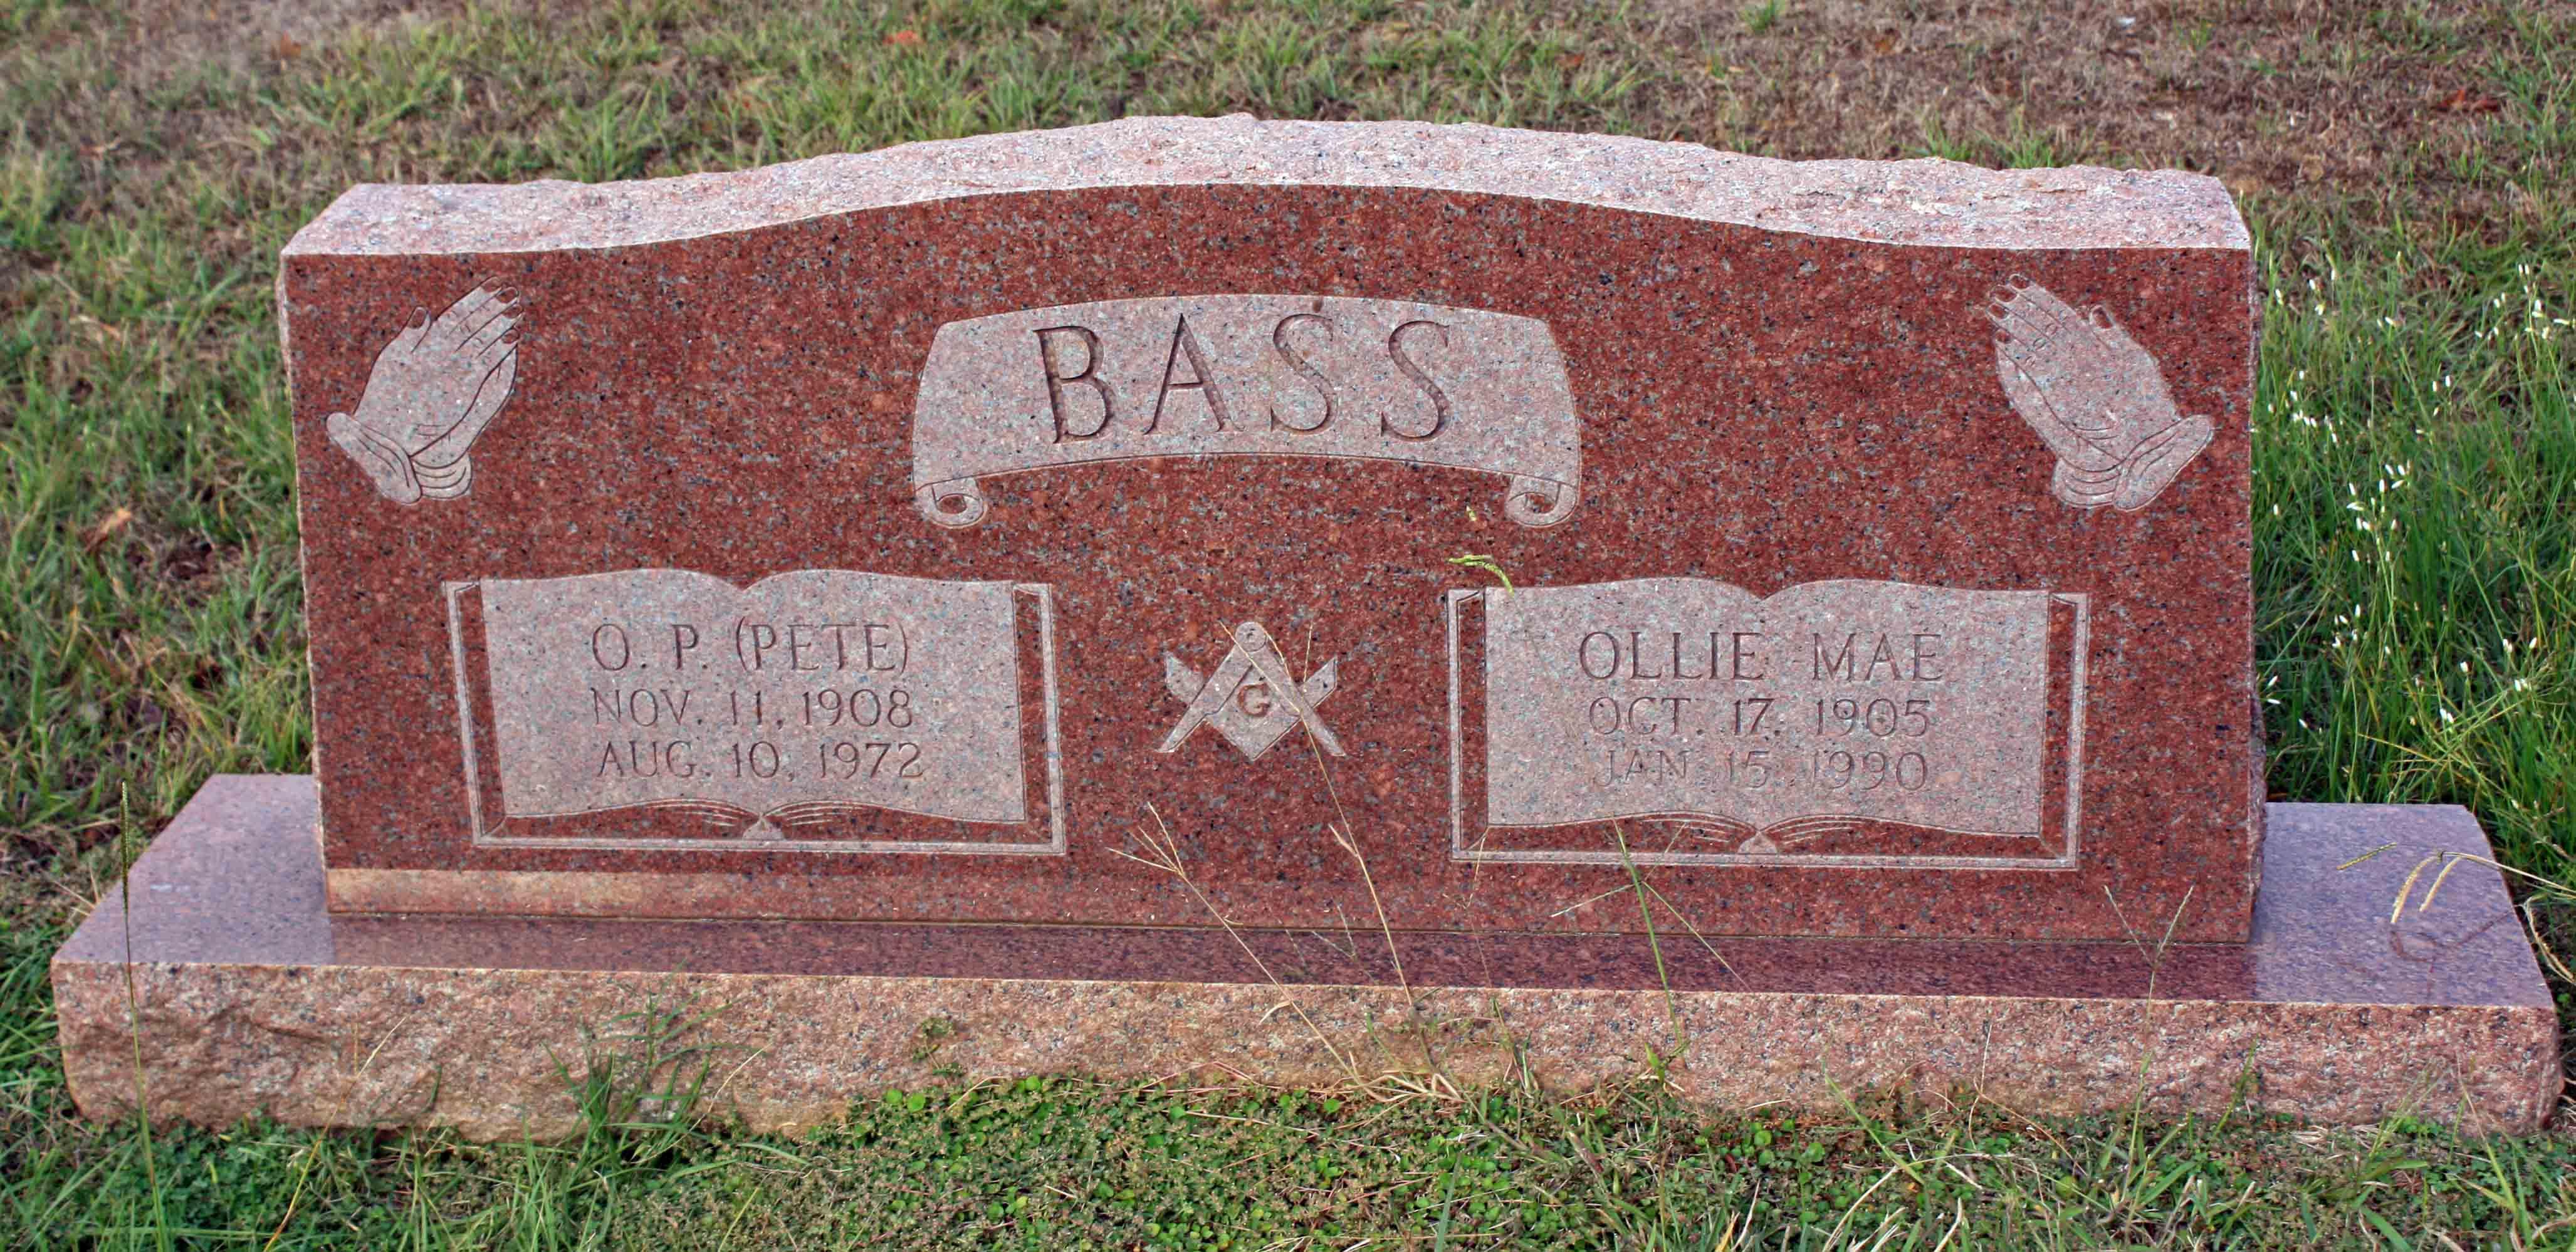 Paul Bass